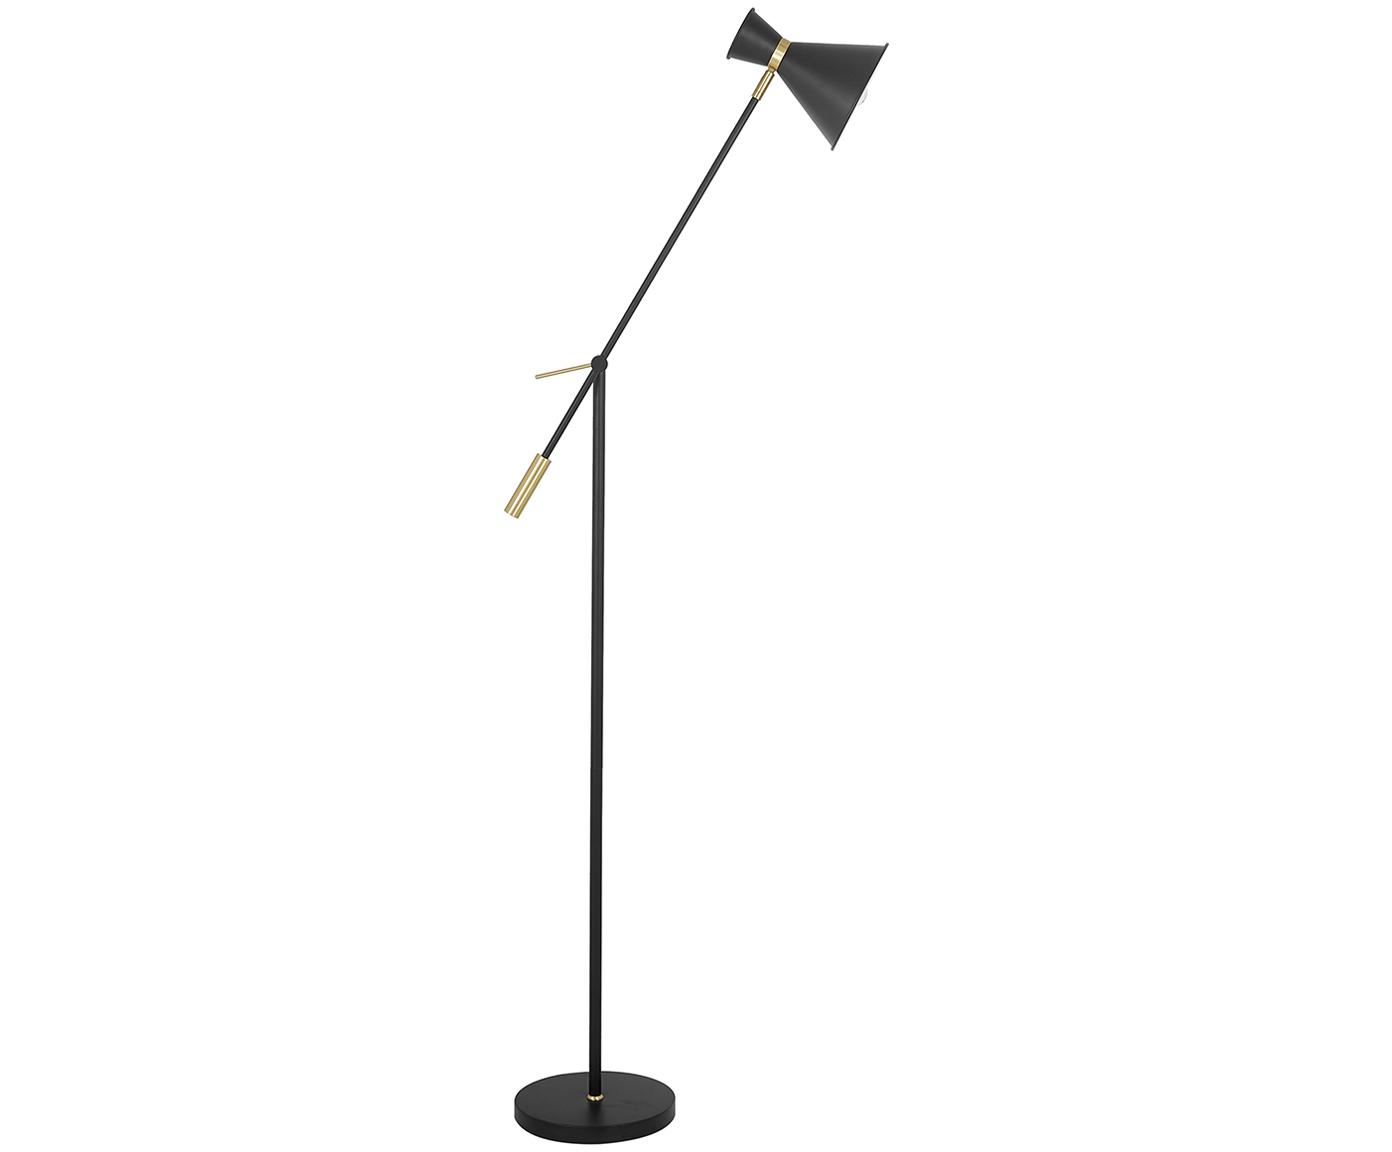 Skandi-Stehlampe Audrey, Lampenschirm: Metall, pulverbeschichtet, Mattschwarz, ∅ 18 x H 145 cm